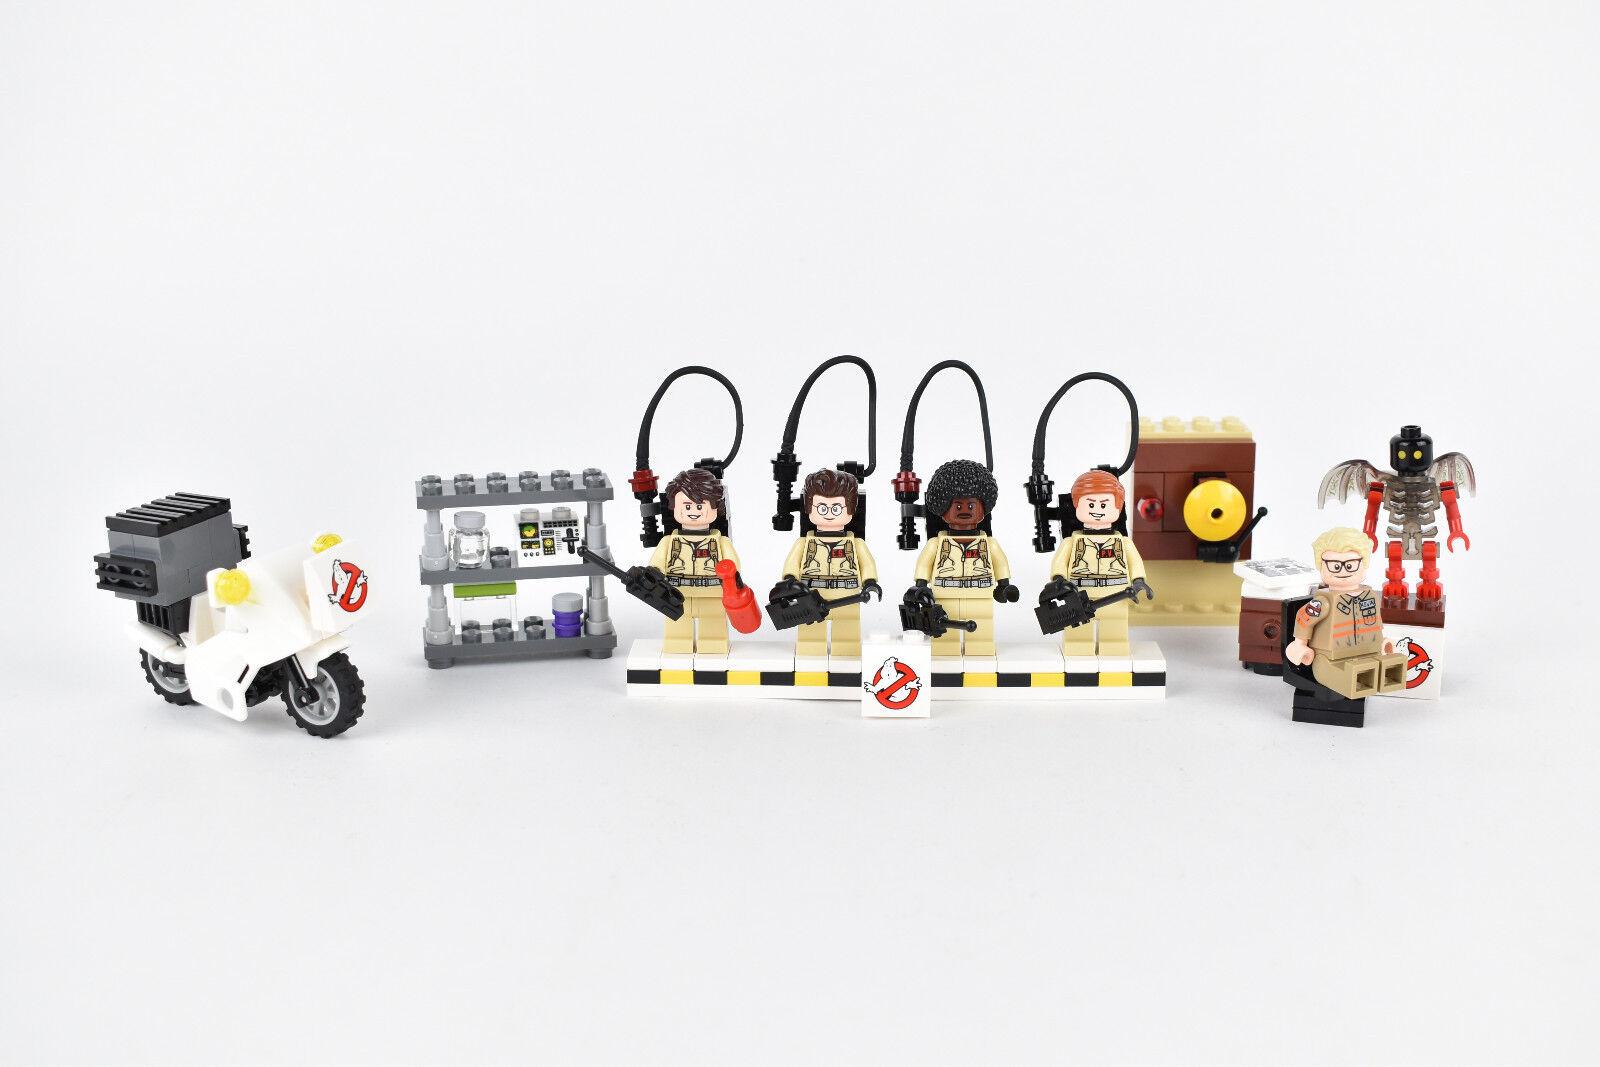 Minifiguras Lego Ghostbusters Accesorios Firehouse Alarma Escritorio de la motocicleta